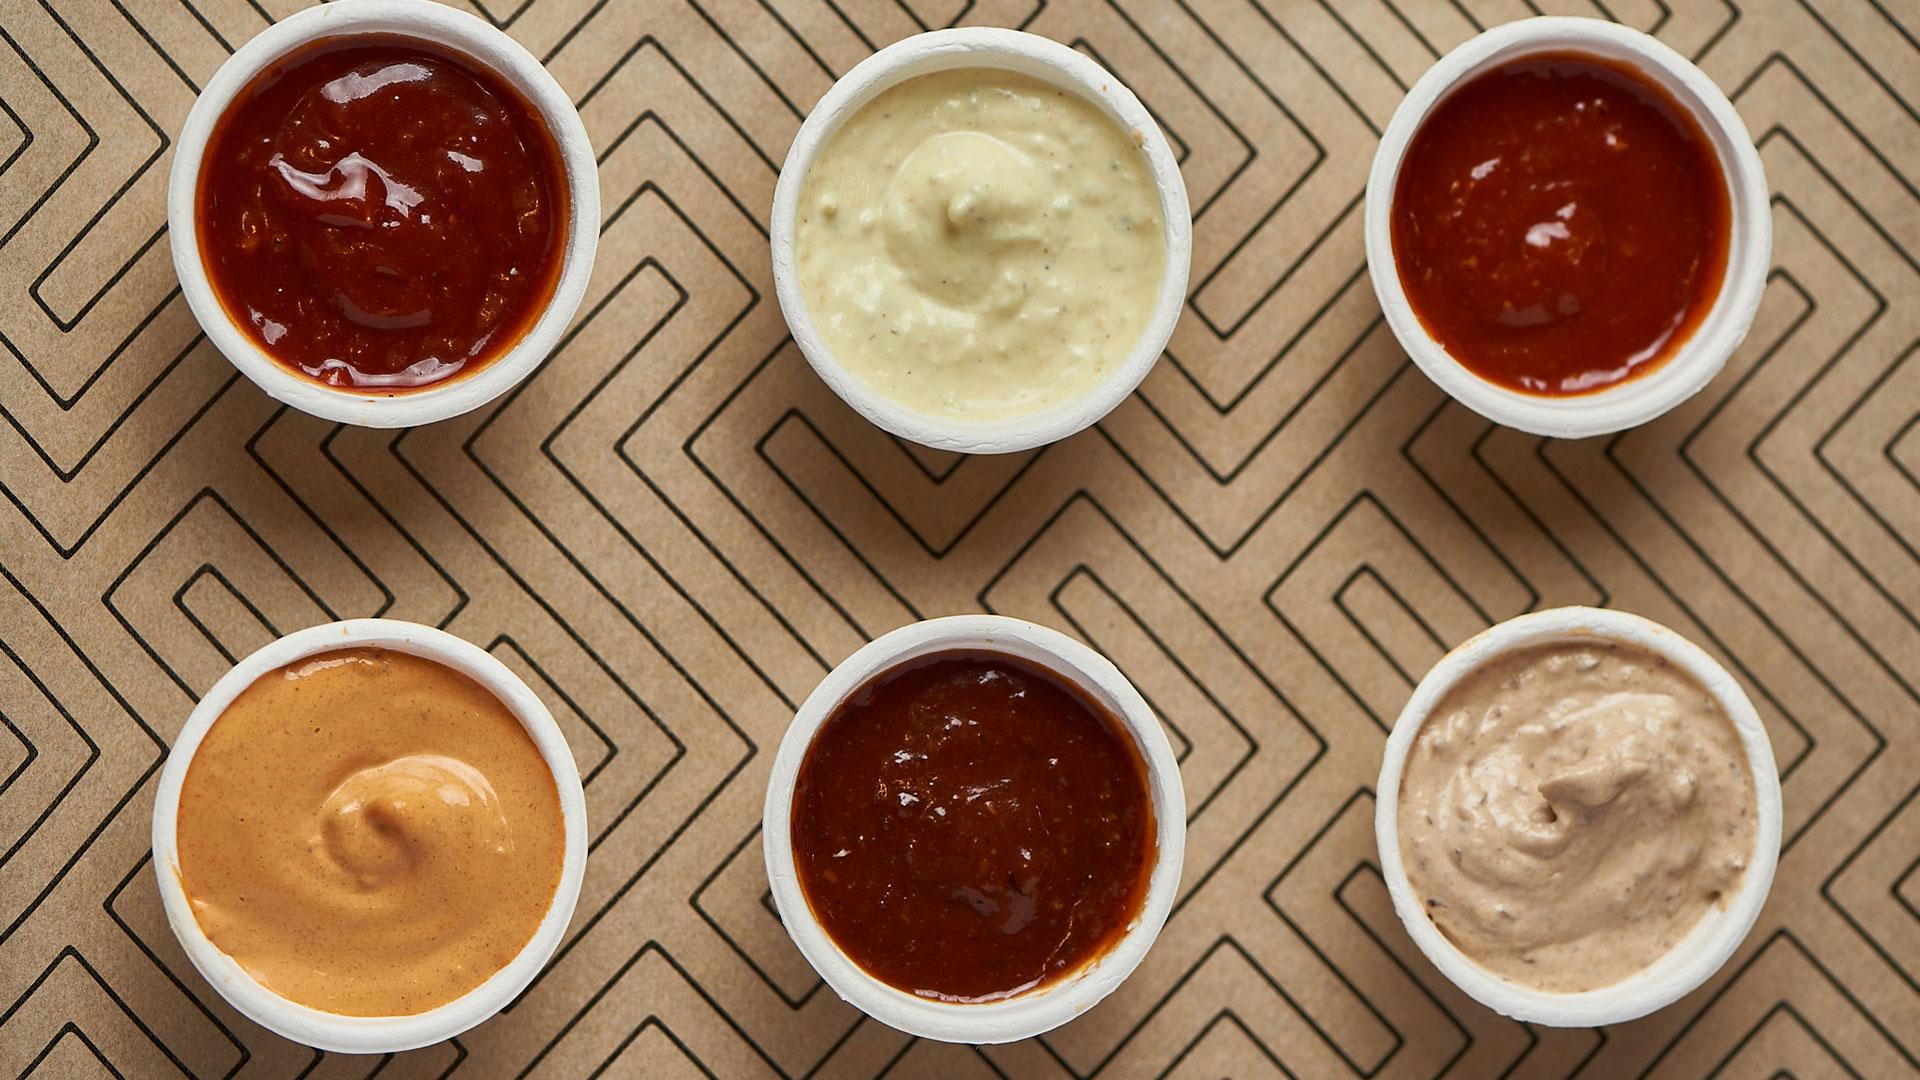 All the way salsas